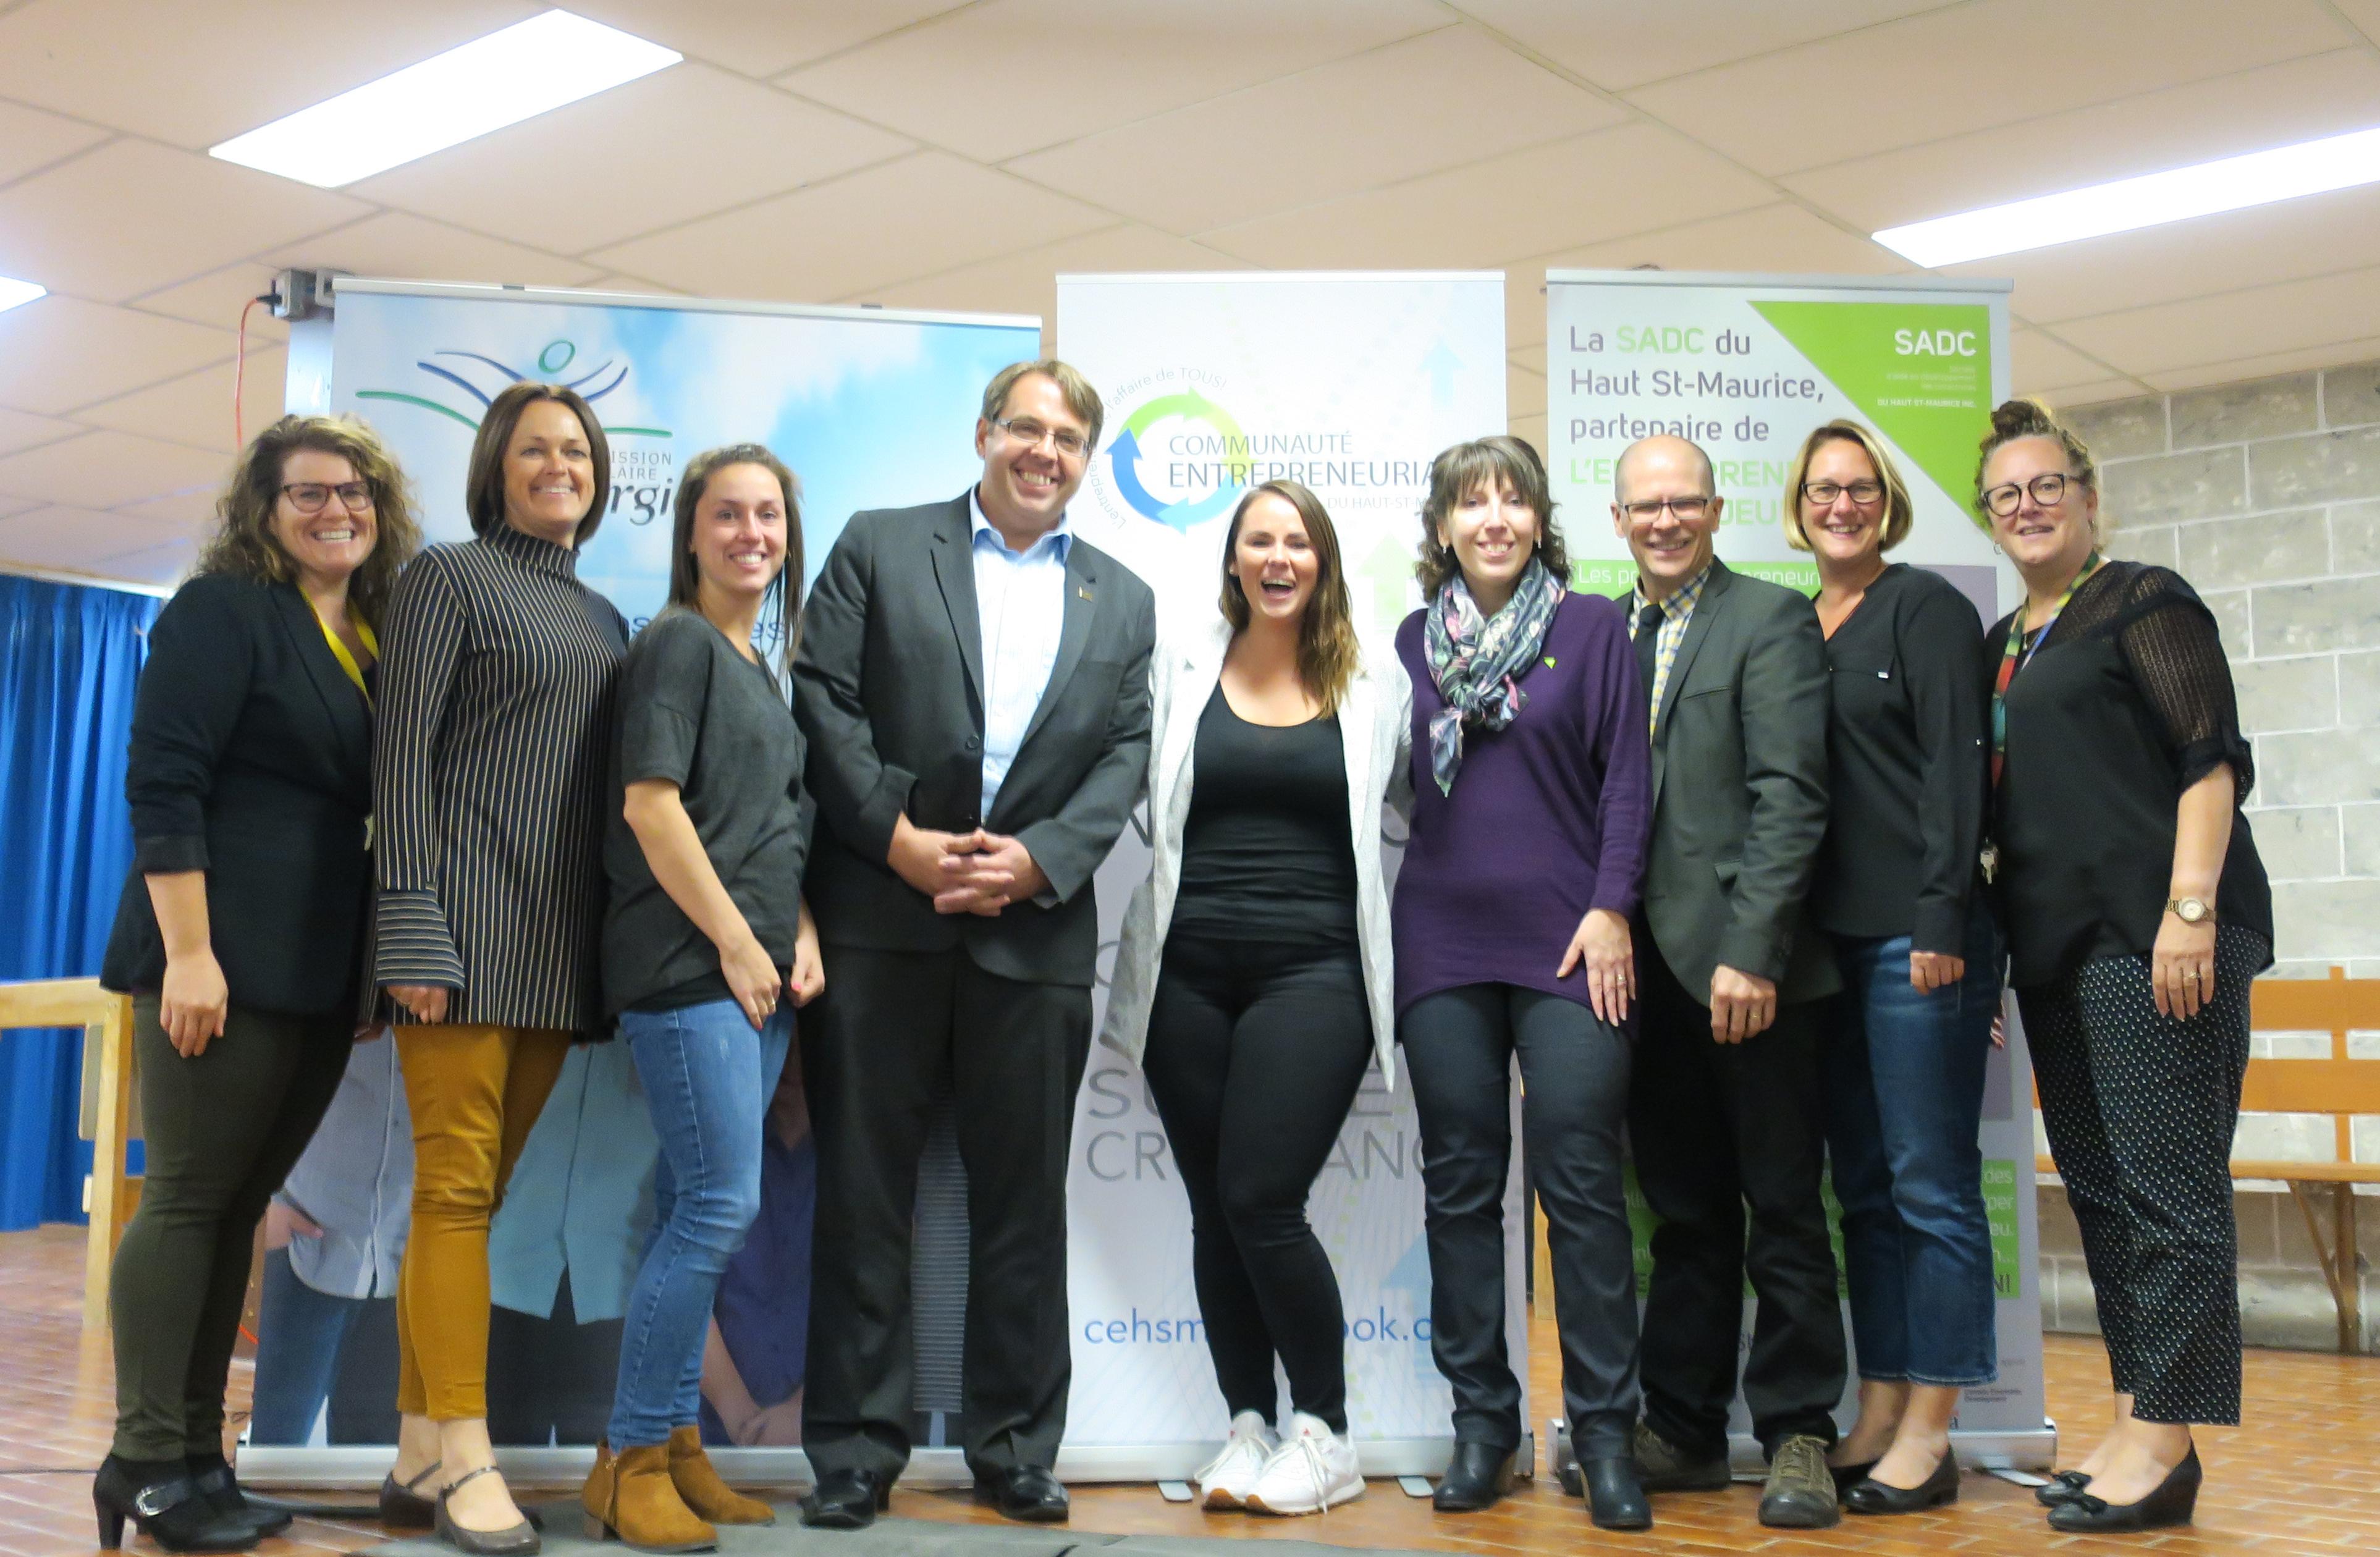 Colloque sur l'entrepreneuriat éducatif dans le Haut-Saint-Maurice - Octobre 2017